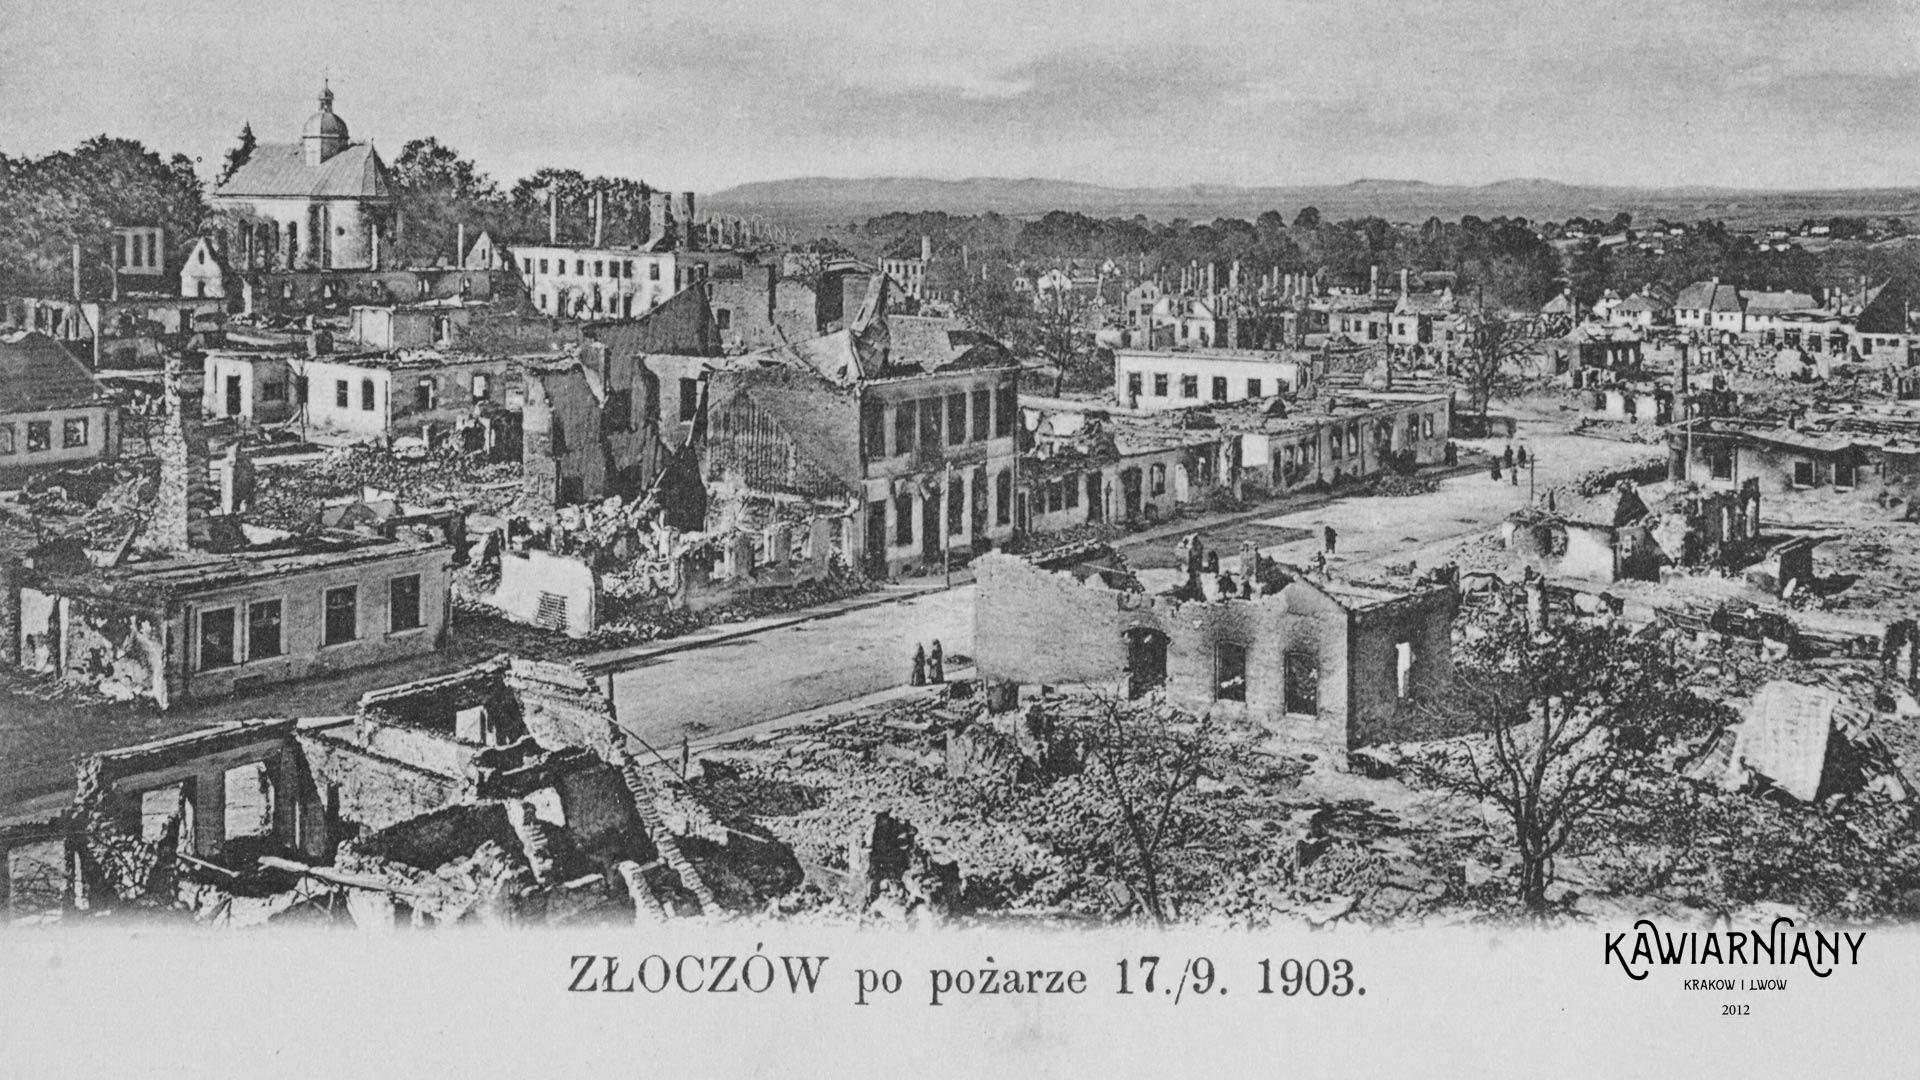 Złoczów po pożarze w 1903 roku